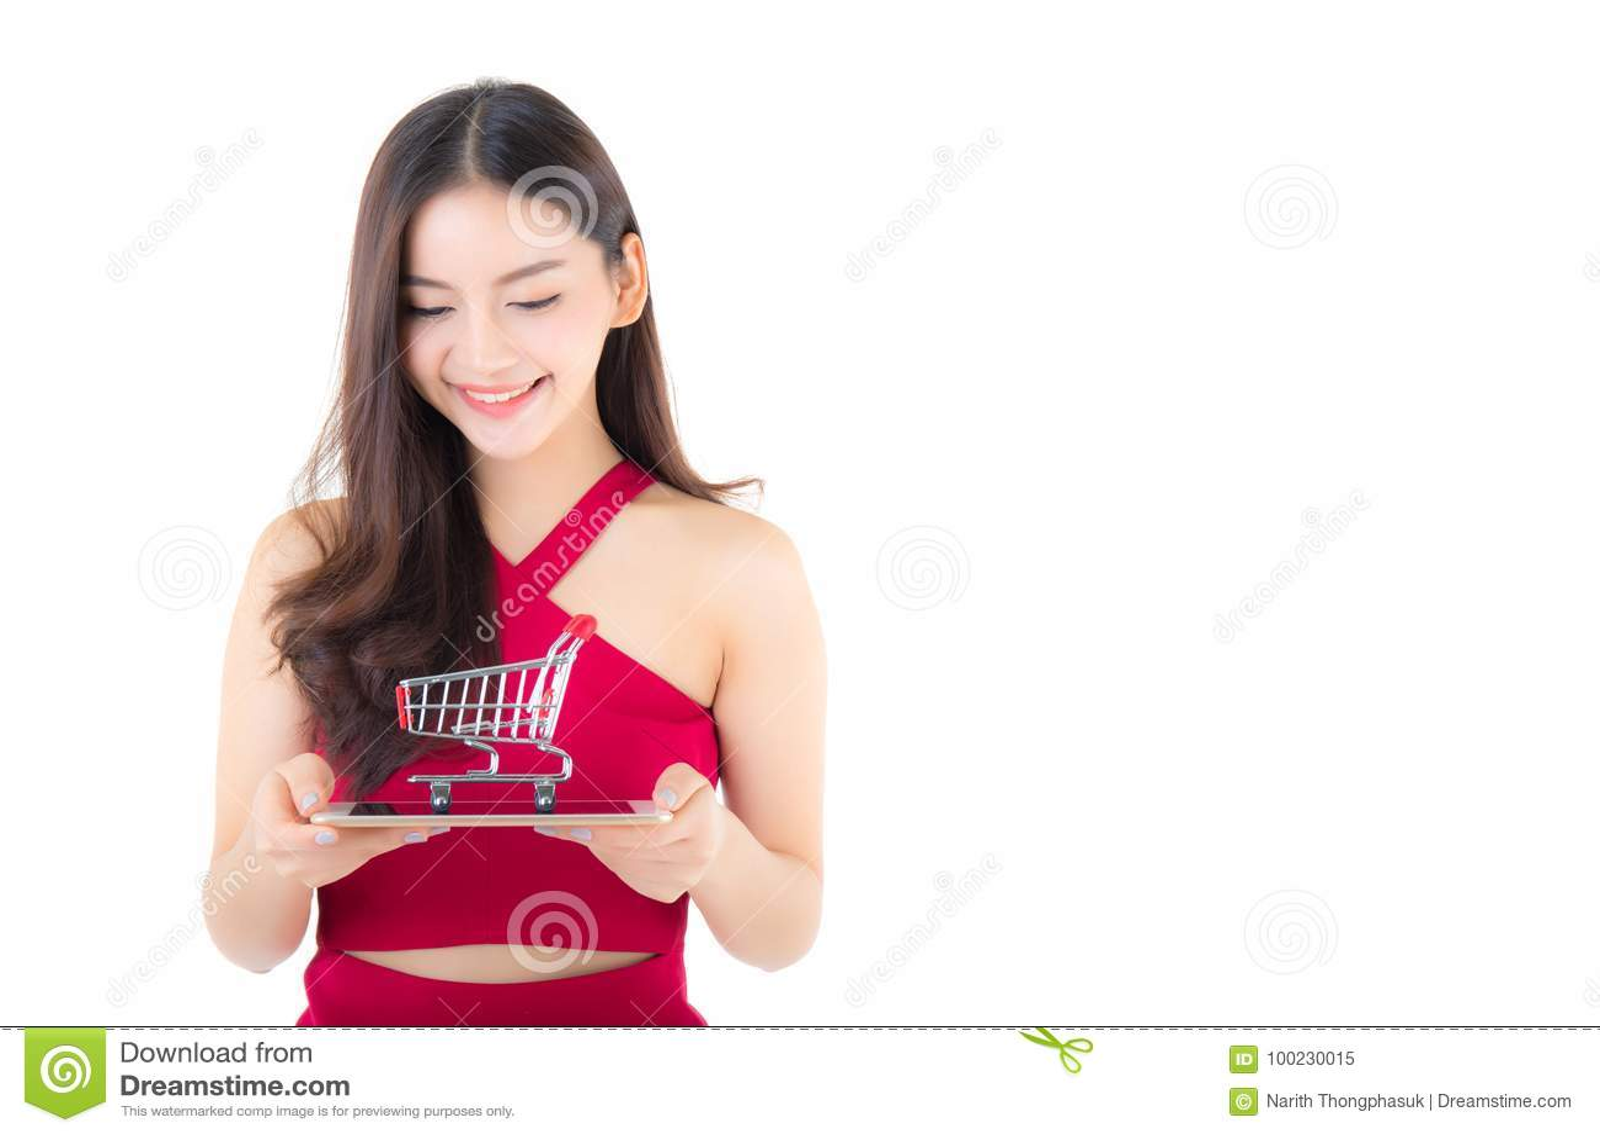 Χαμογελώντας ασιατική γυναίκα στην κόκκινη ταμπλέτα εκμετάλλευσης φορεμάτων με το ευτυχές κορίτσι και κάρρο στην ταμπλέτα